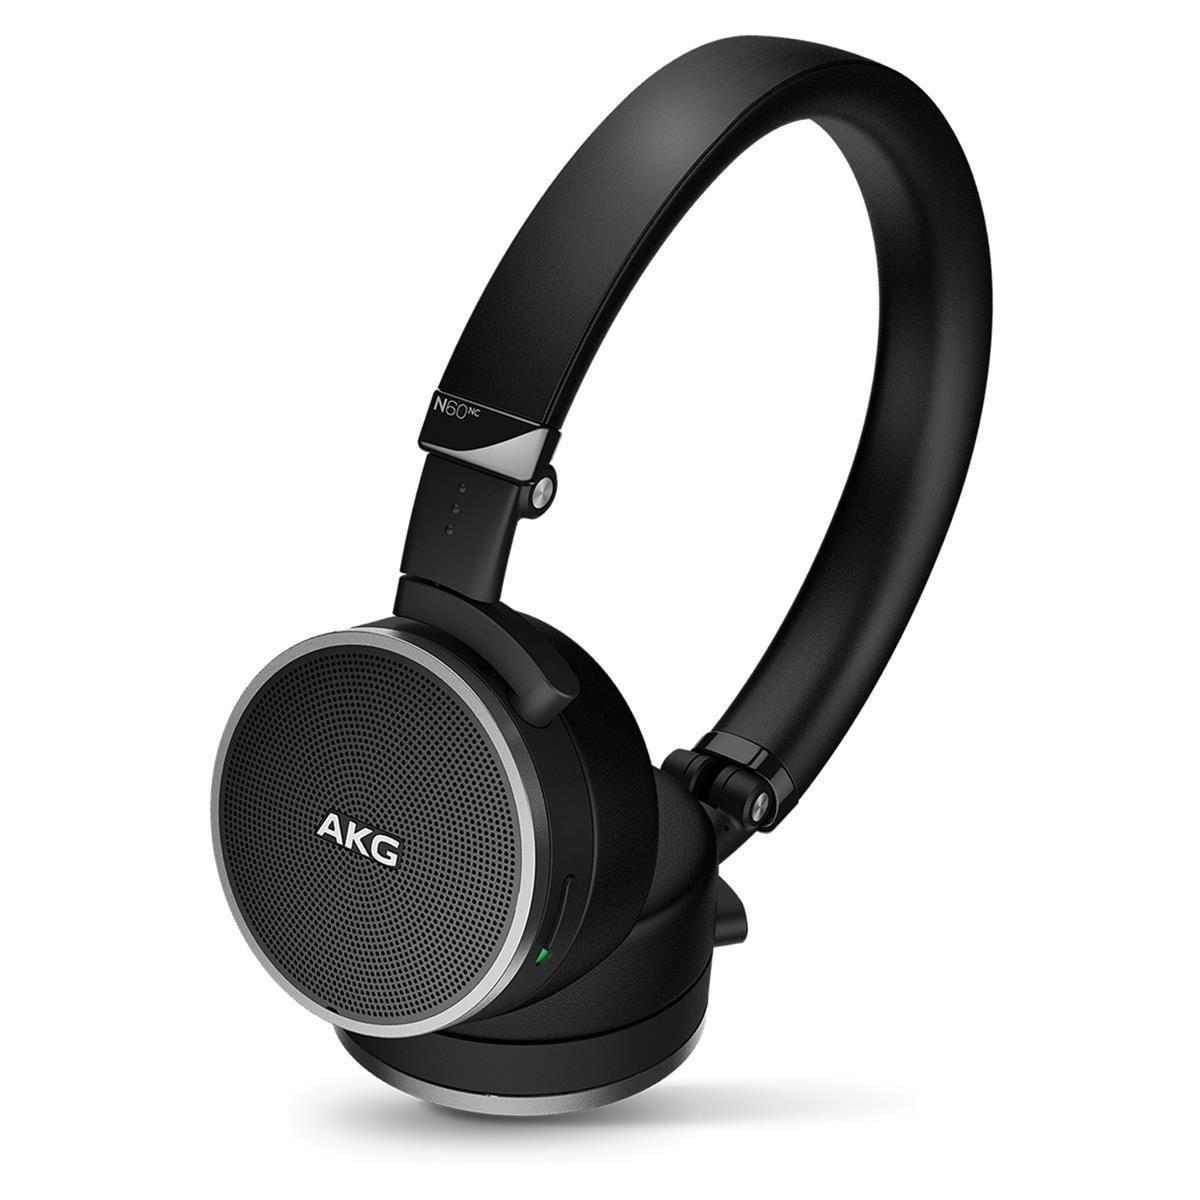 AKG Noise Canceling Headphone Black (N60) by AKG